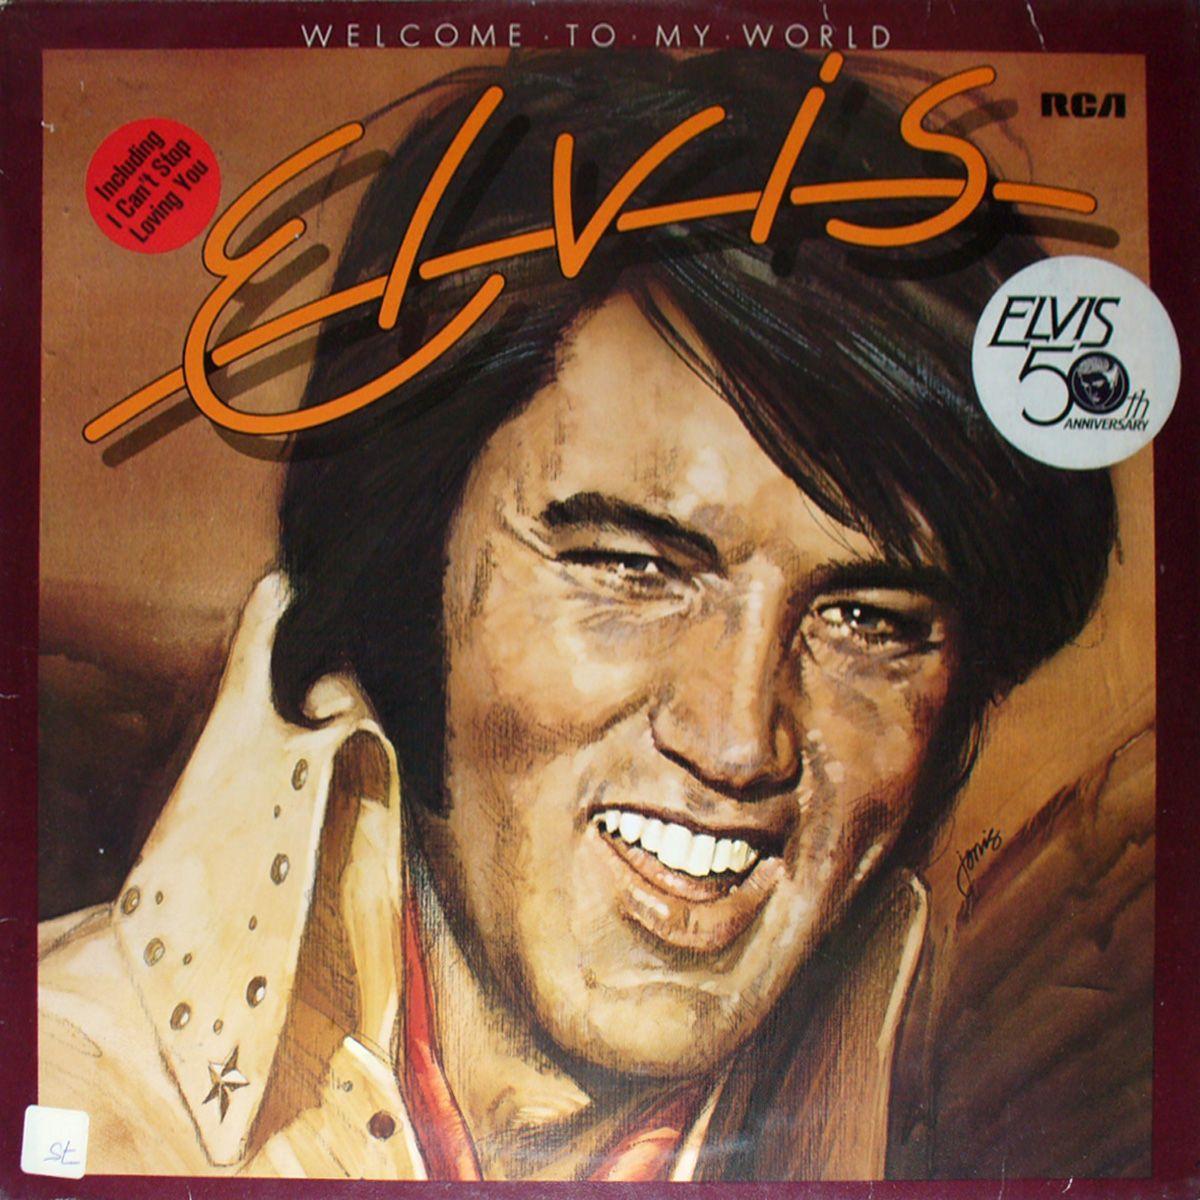 دانلود آهنگ Welcome To My World از Elvis Presley با ترجمه متن آهنگ فارسی